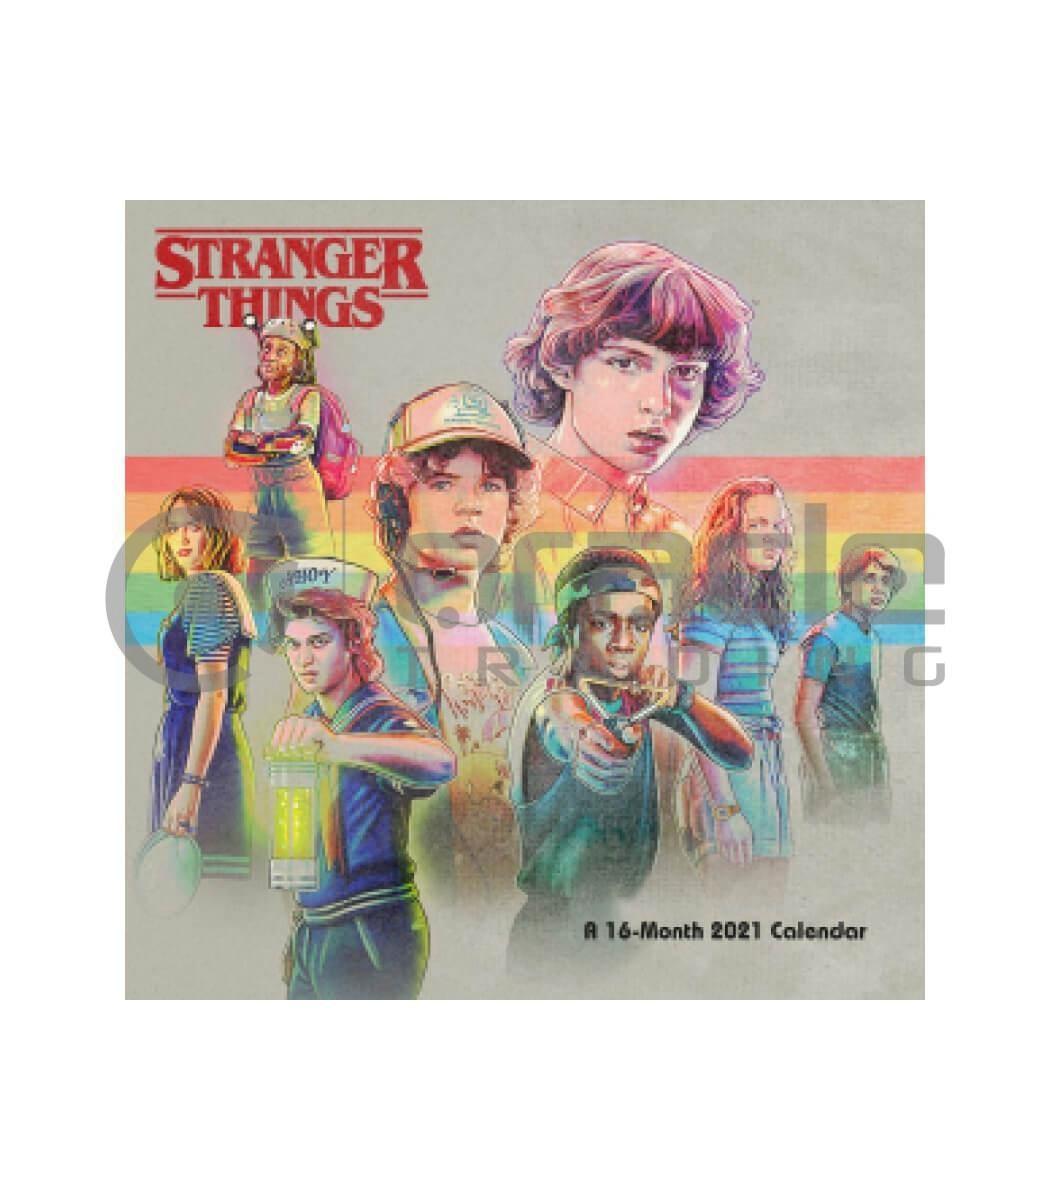 Stranger Things 2021 Calendar